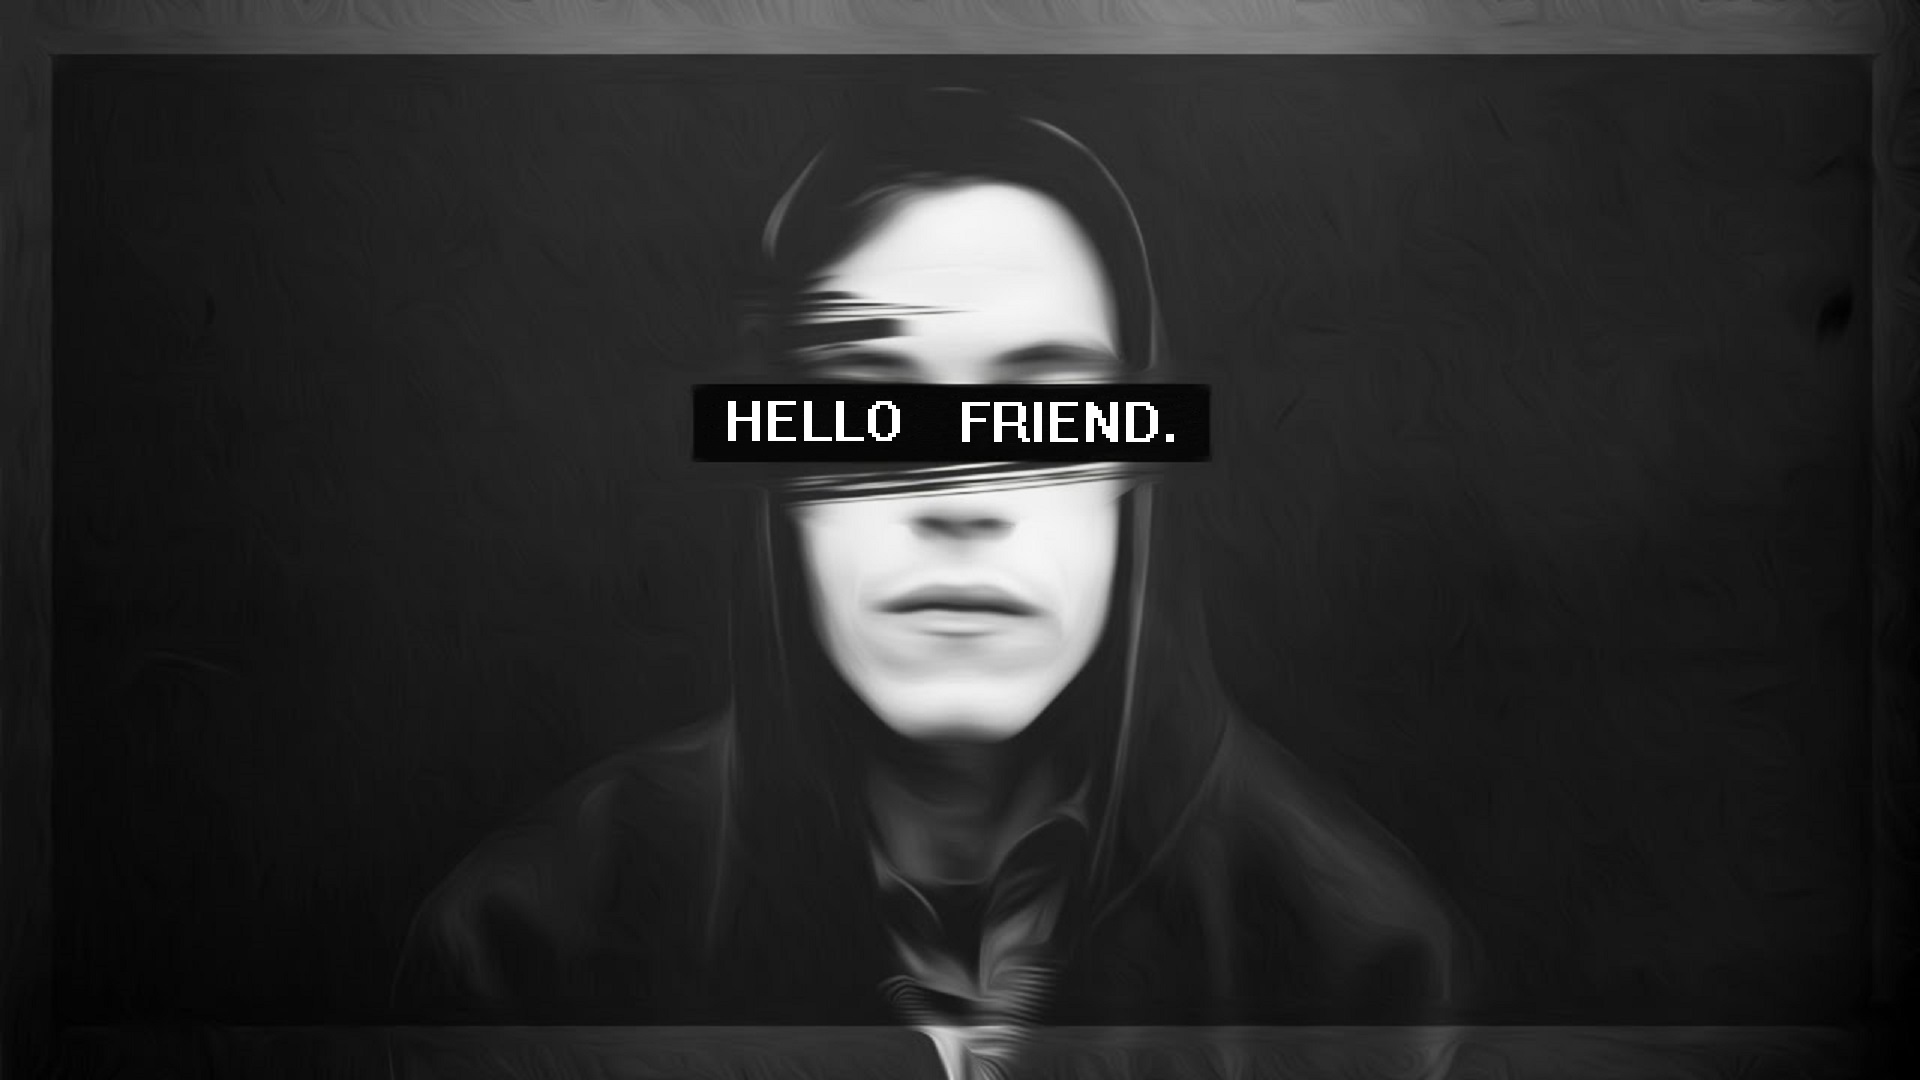 Hello Friend Mr Robot